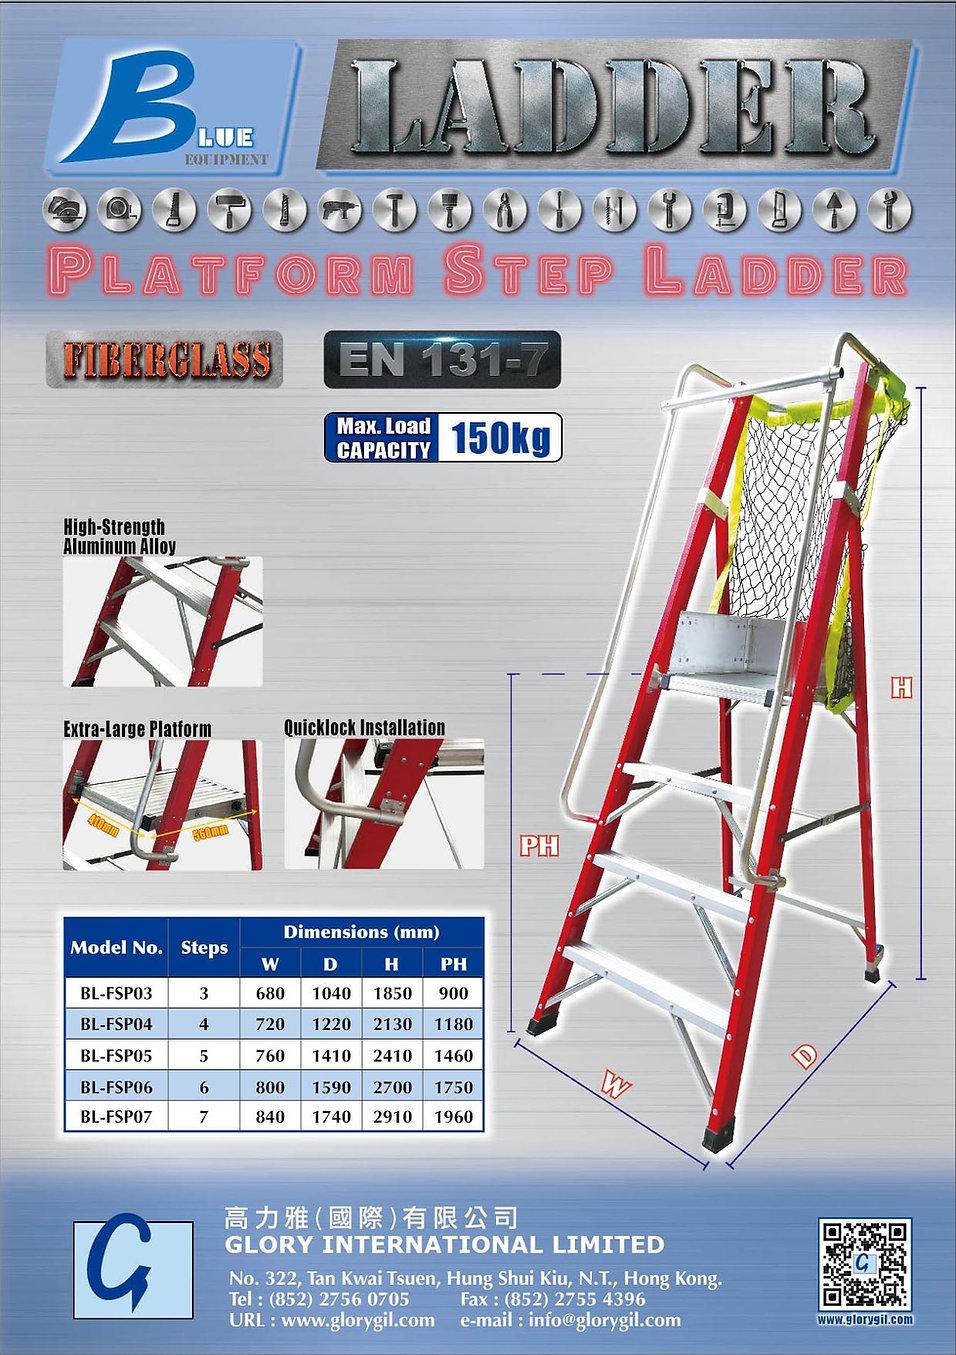 Ladder Catalog.jpg